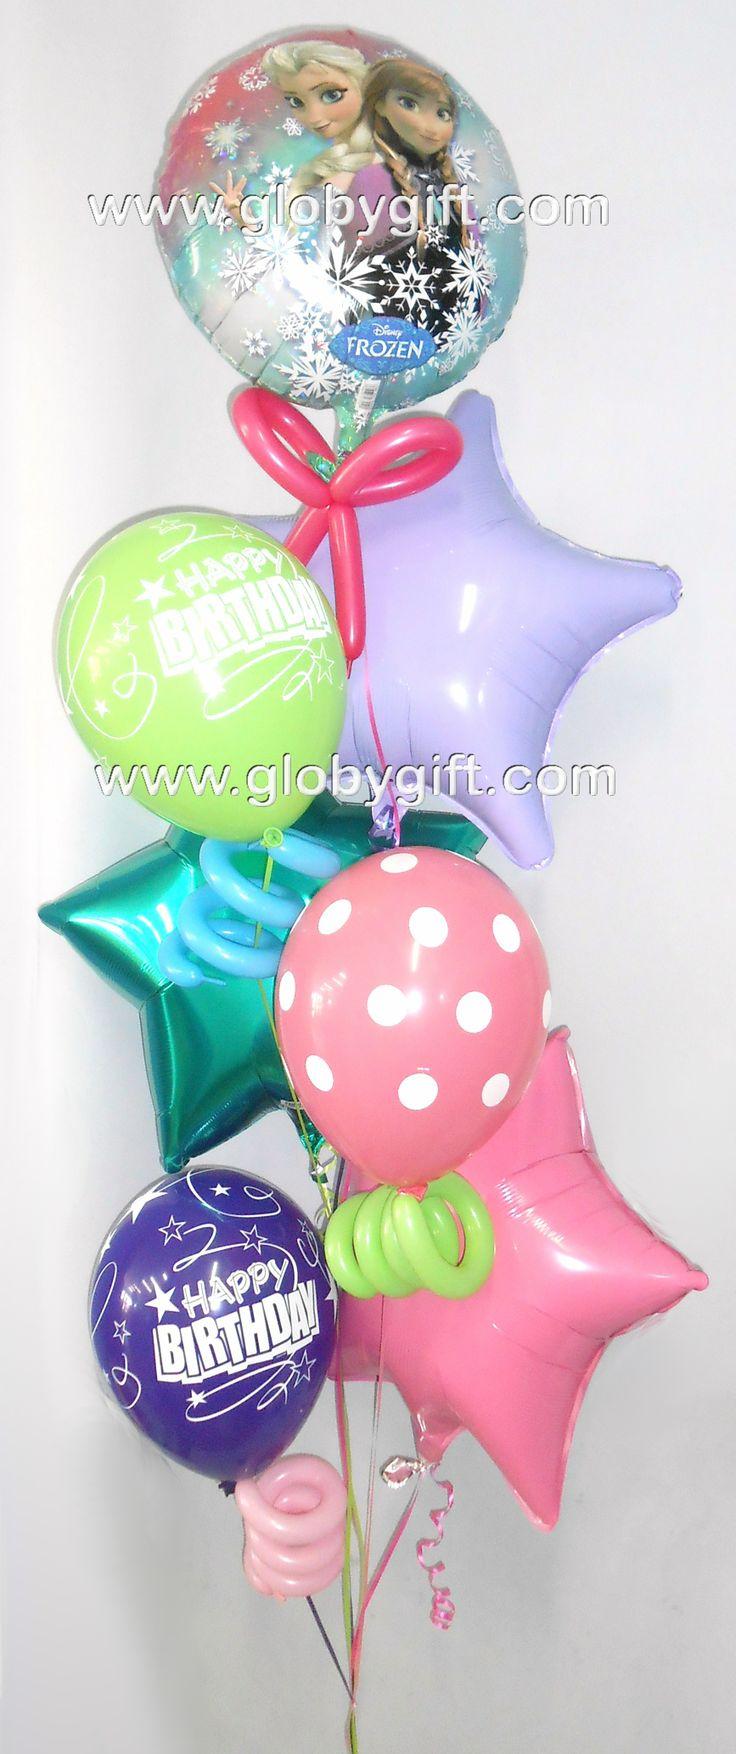 Para los que aman Frozen, bouquet de globos con helio de Frozen